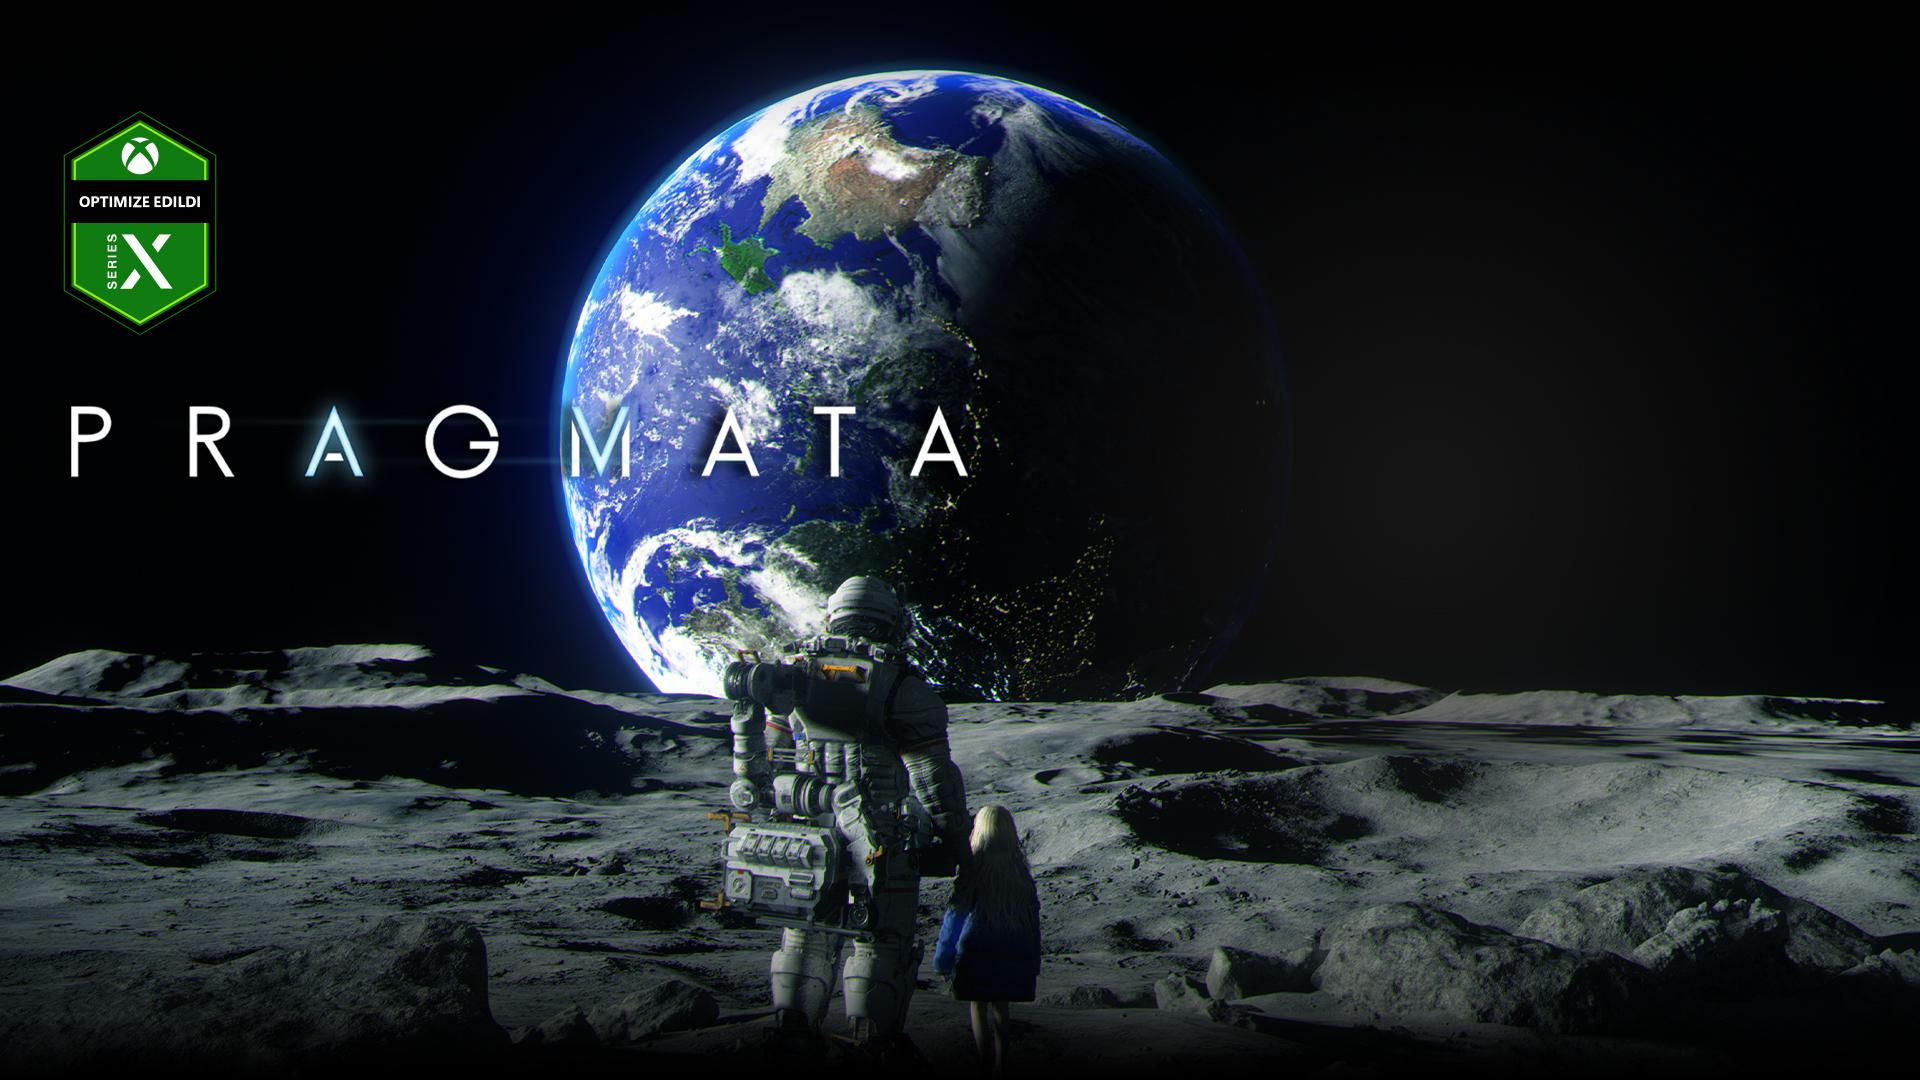 Xbox Series X için Optimize Edildi logosu, Pragmata, Ayda birlikte duran bir astronot ve genç bir kız dünyaya bakıyor